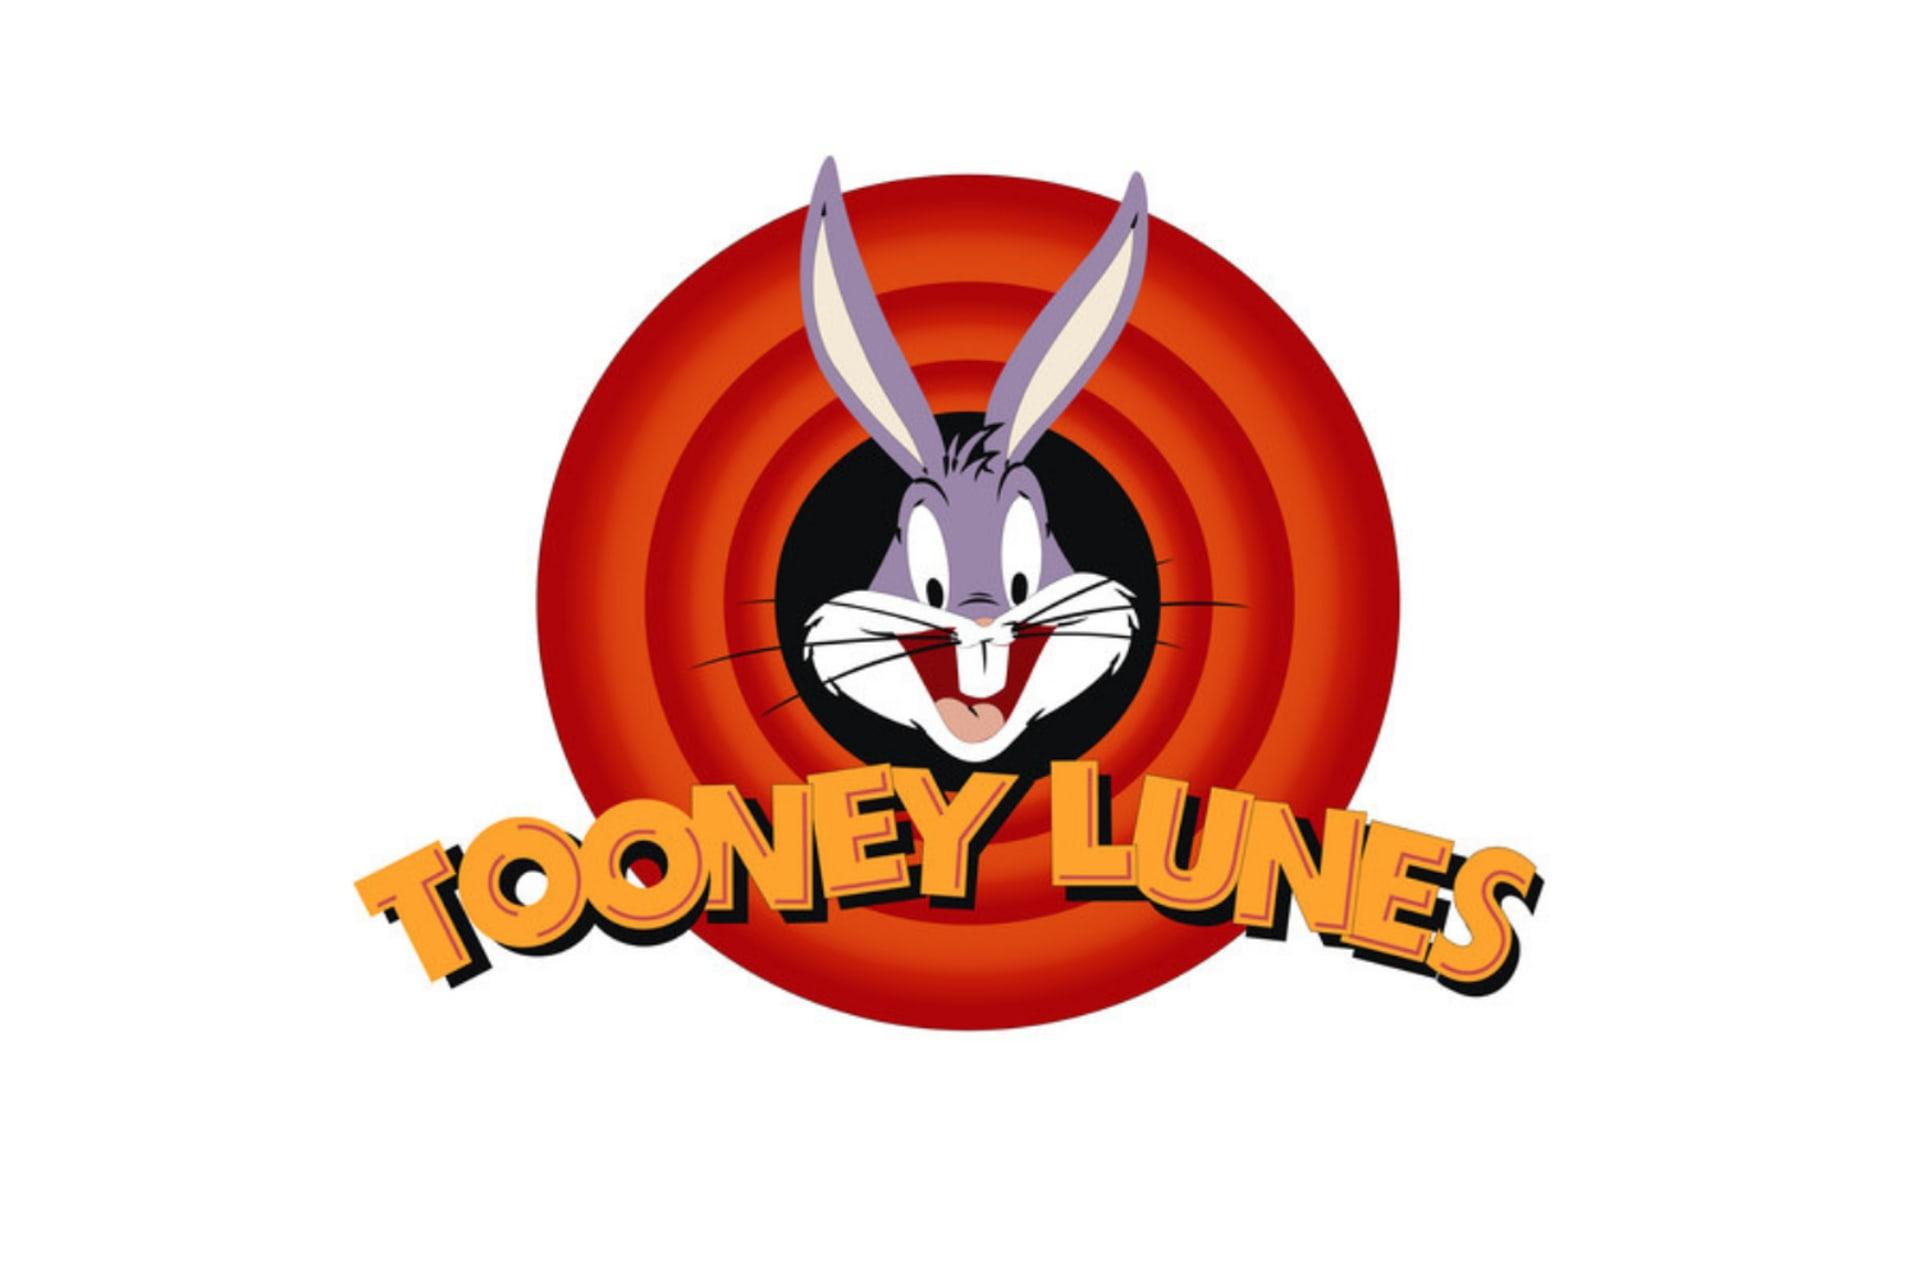 Tooney Lunes